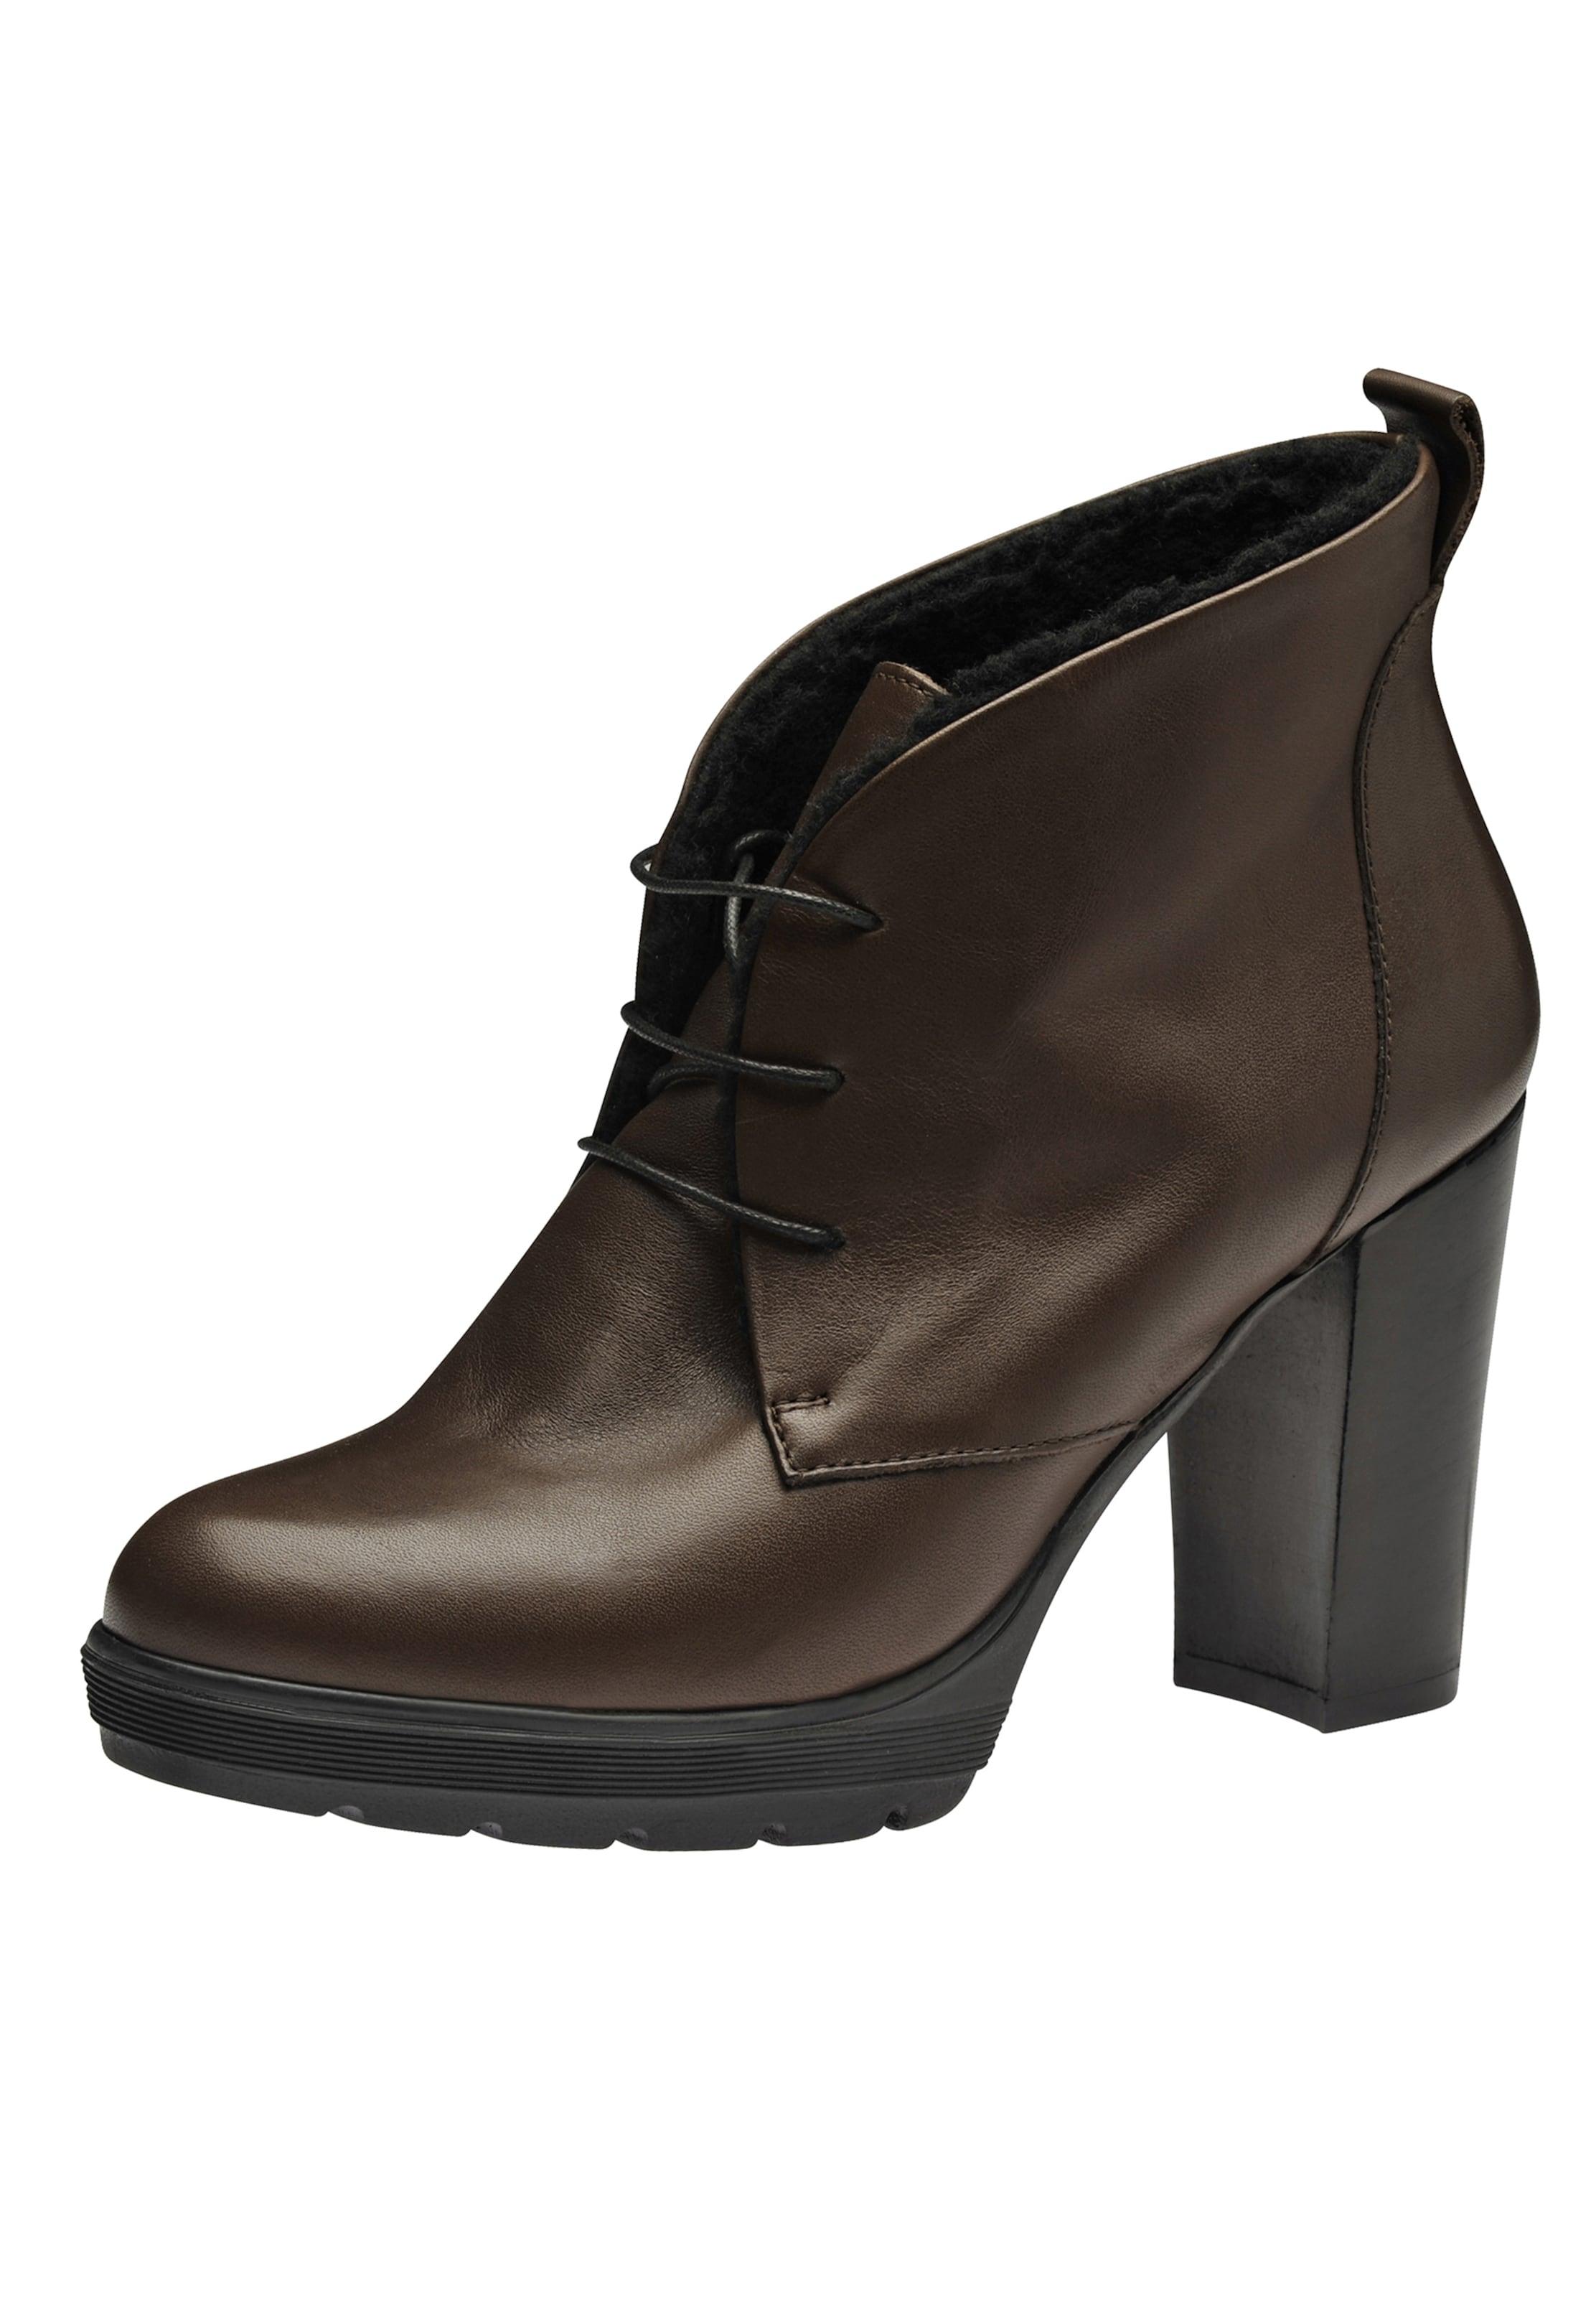 EVITA Damen Stiefelette Günstige und langlebige Schuhe